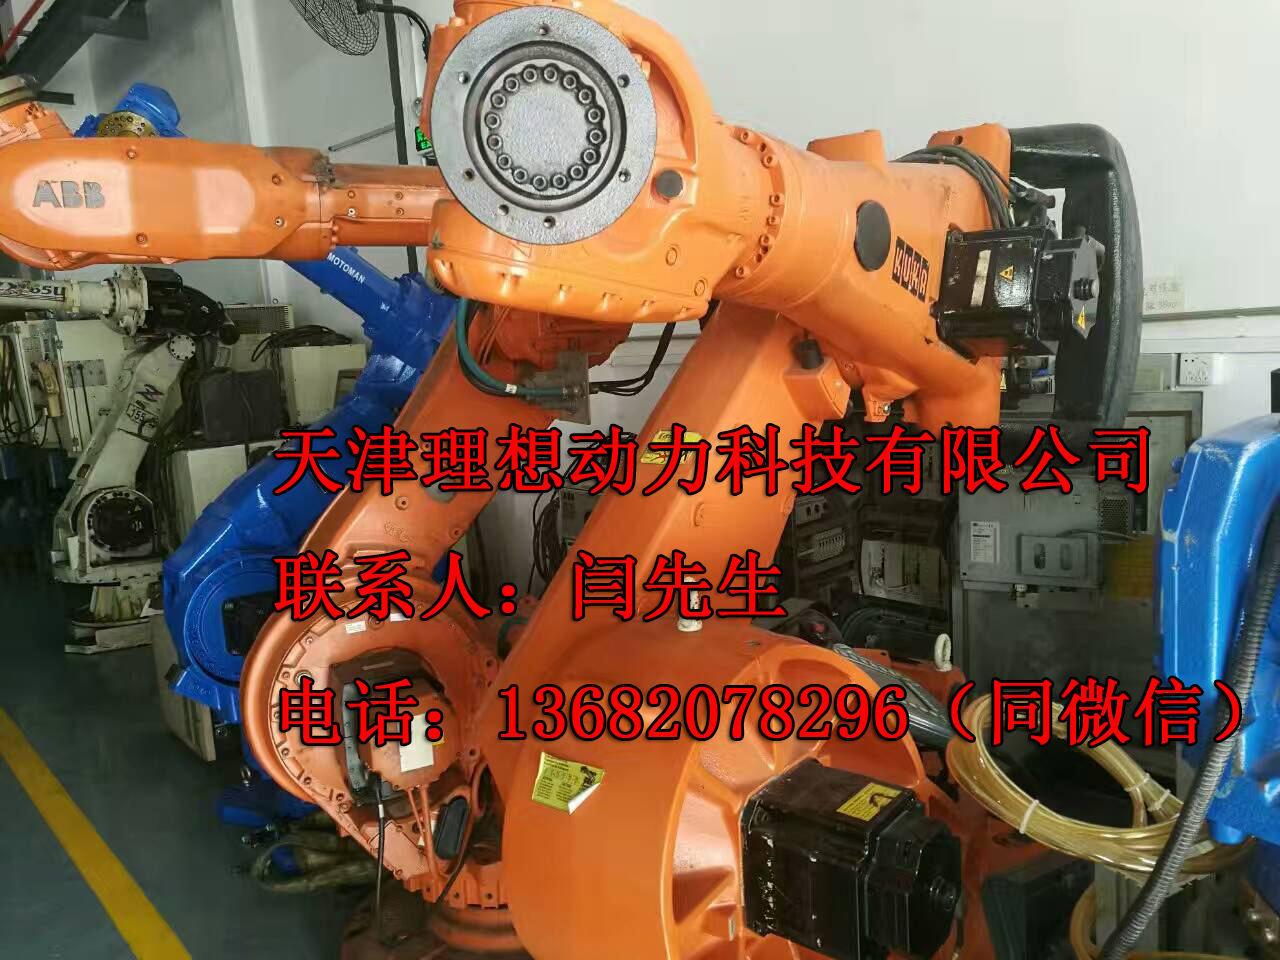 红桥区汽车座椅点焊机器人出租 安川打磨机器人 二手管板点焊机器人,二手工业点焊机器人,二手机械手,点焊机器人,管道点焊机器人